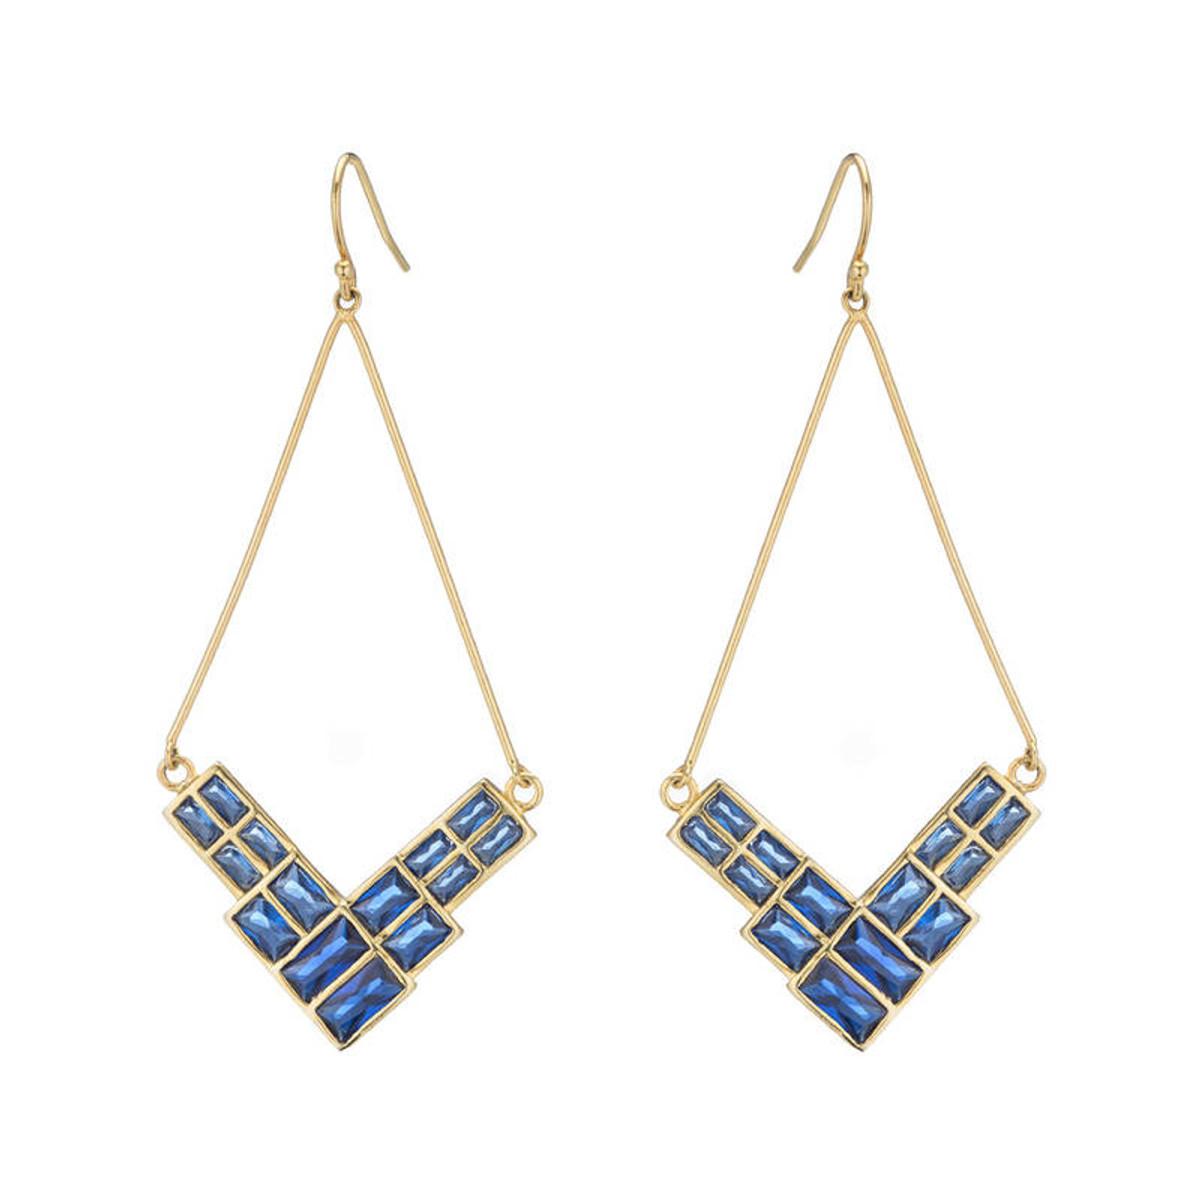 Violette earrings from Marcia Moran Jewelry